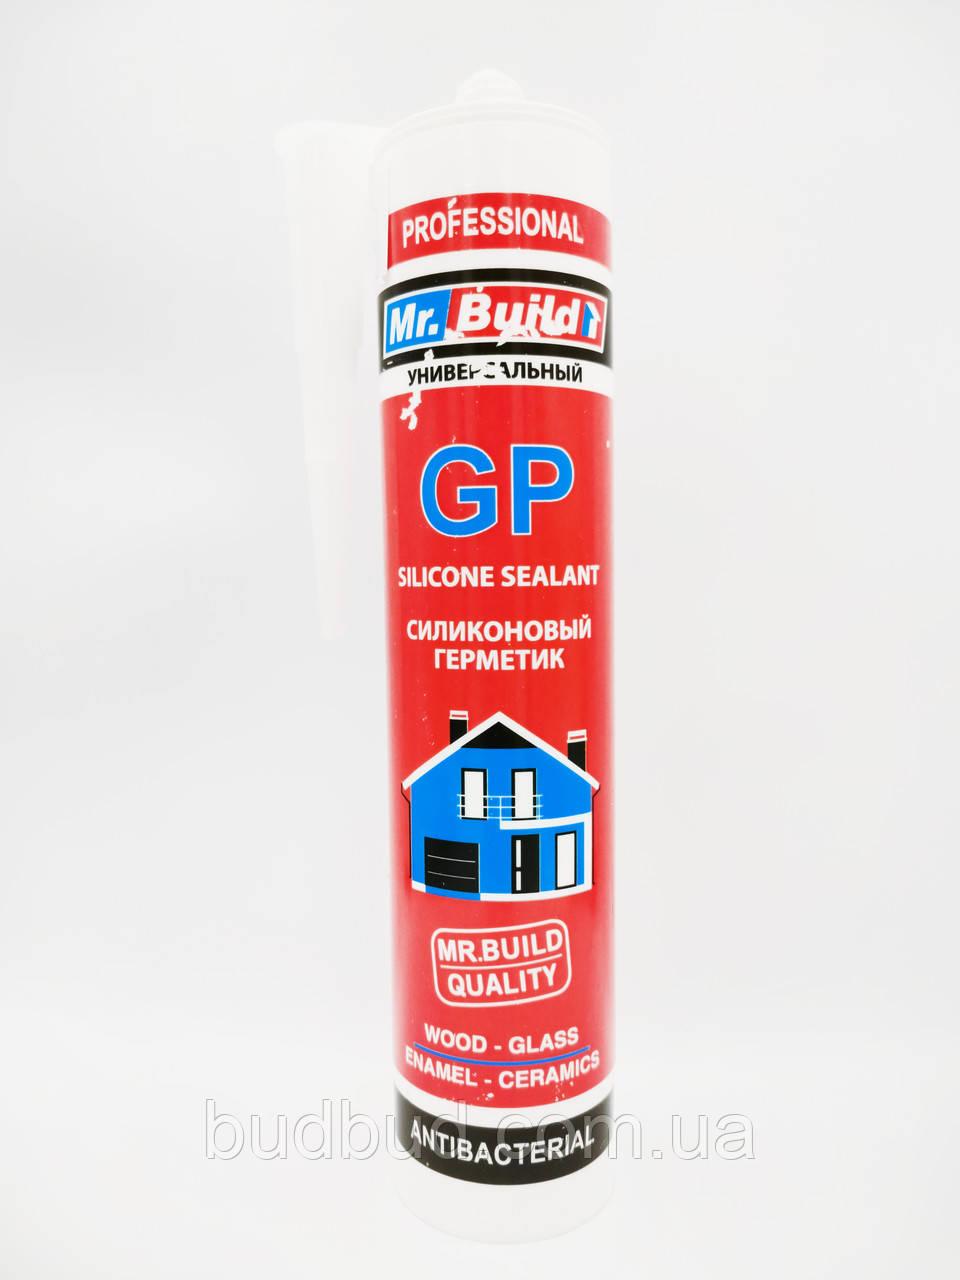 Mr.Build GP - универсальный силиконовый герметик серый, 280 мл.